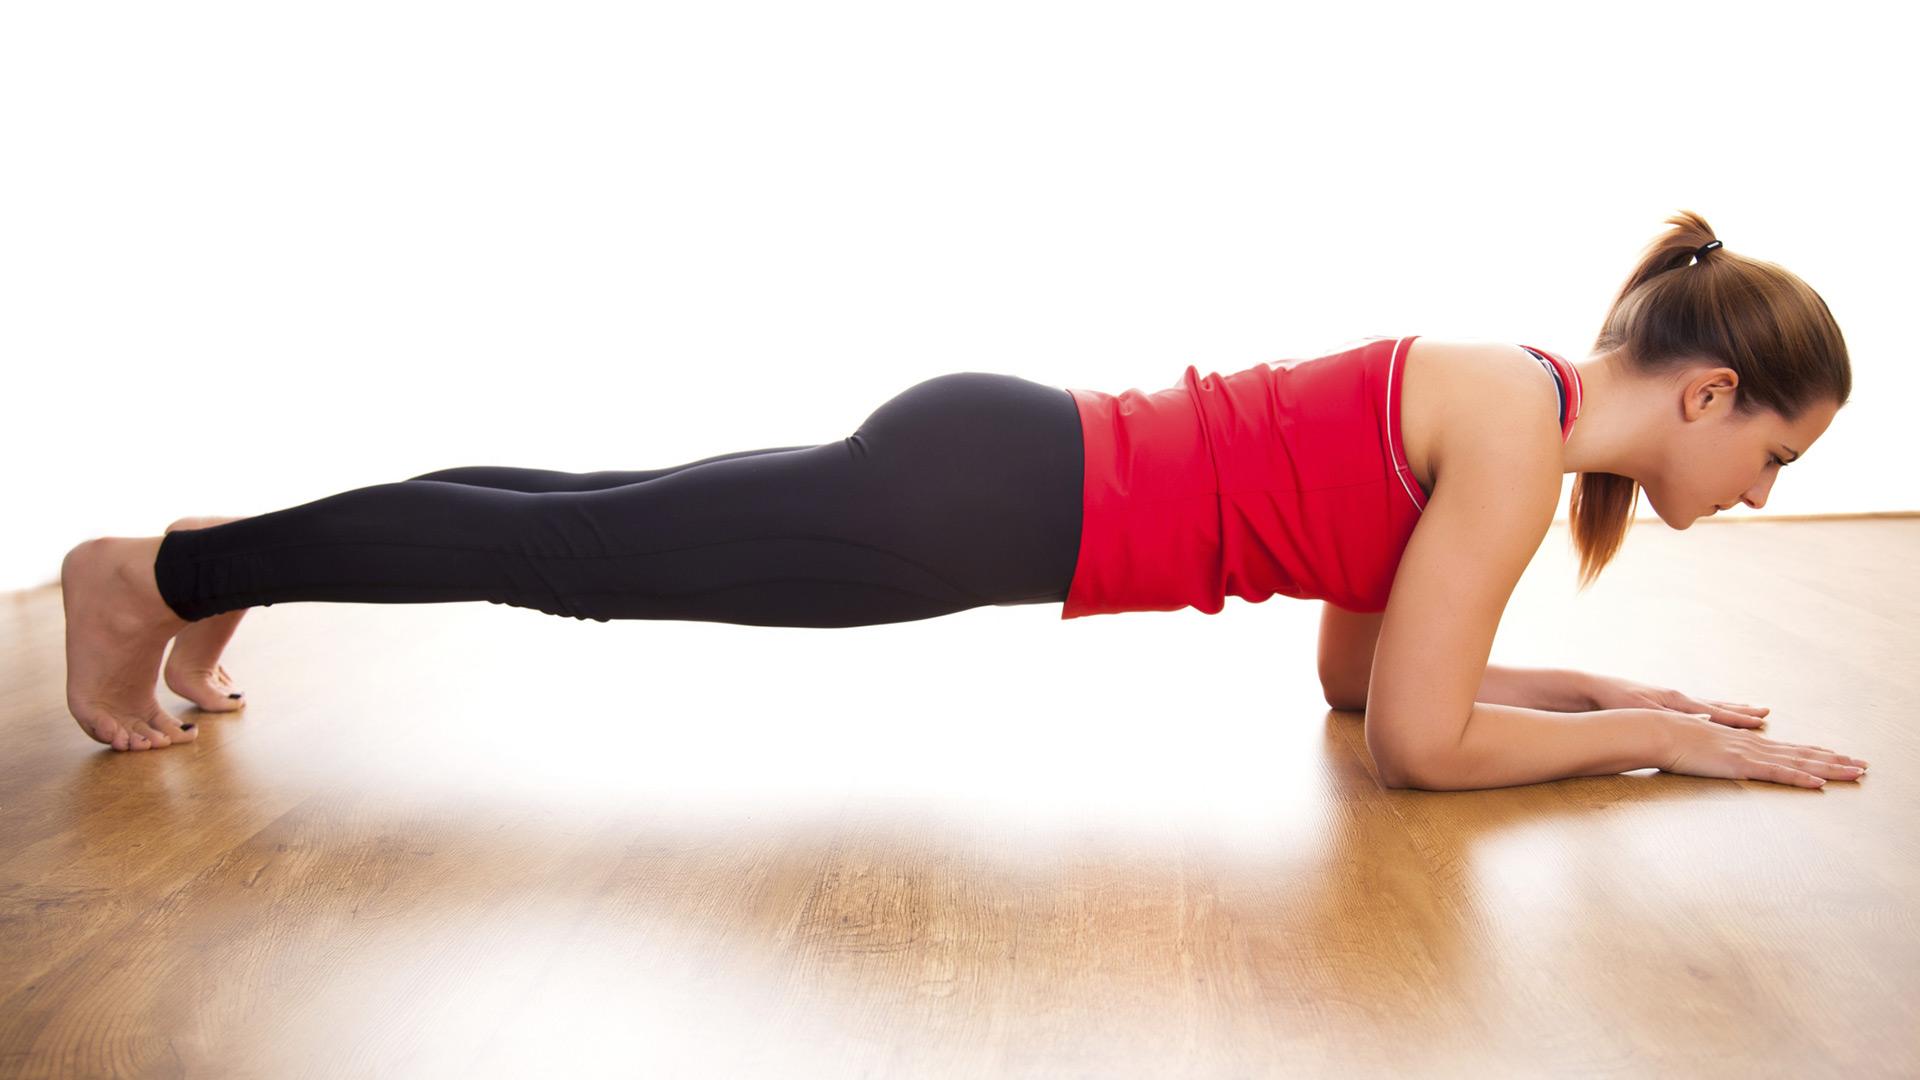 BudiFit Plank